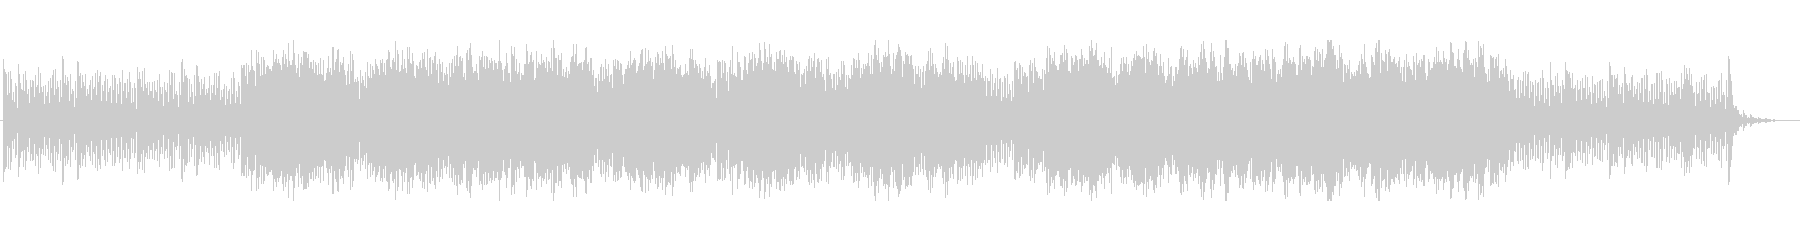 切ないシーンのシンセ曲の未再生の波形